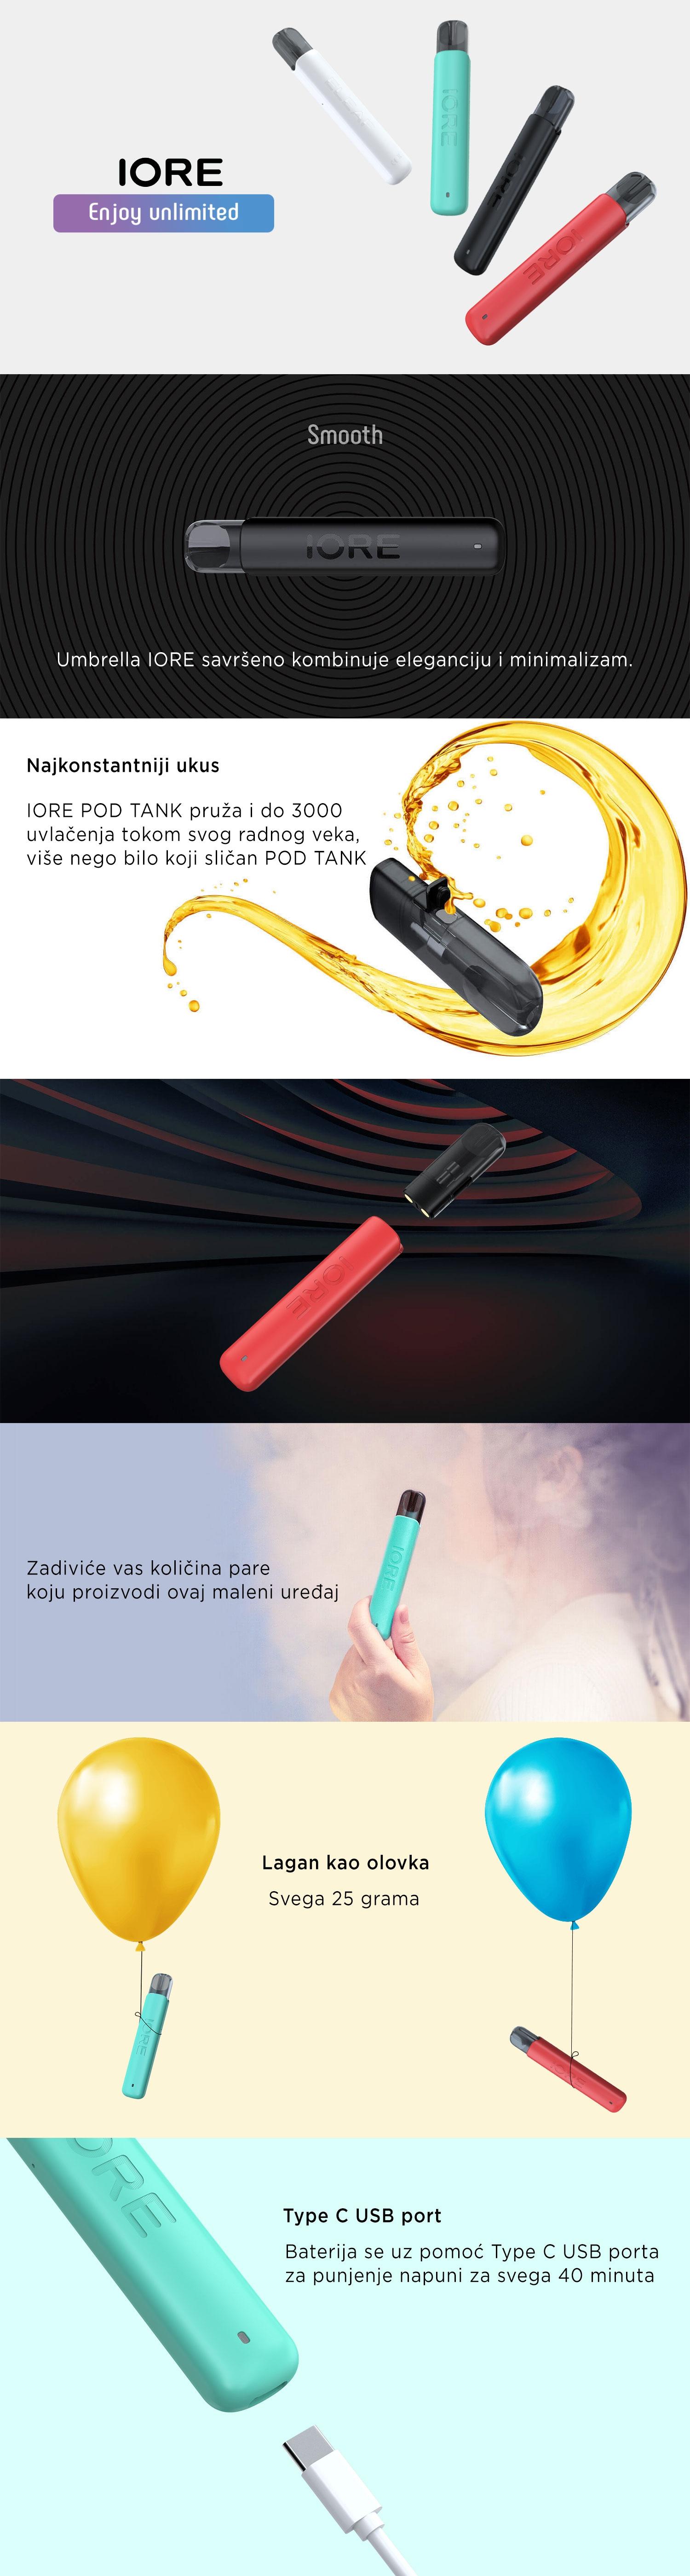 Umbrella IORE elektronska cigareta